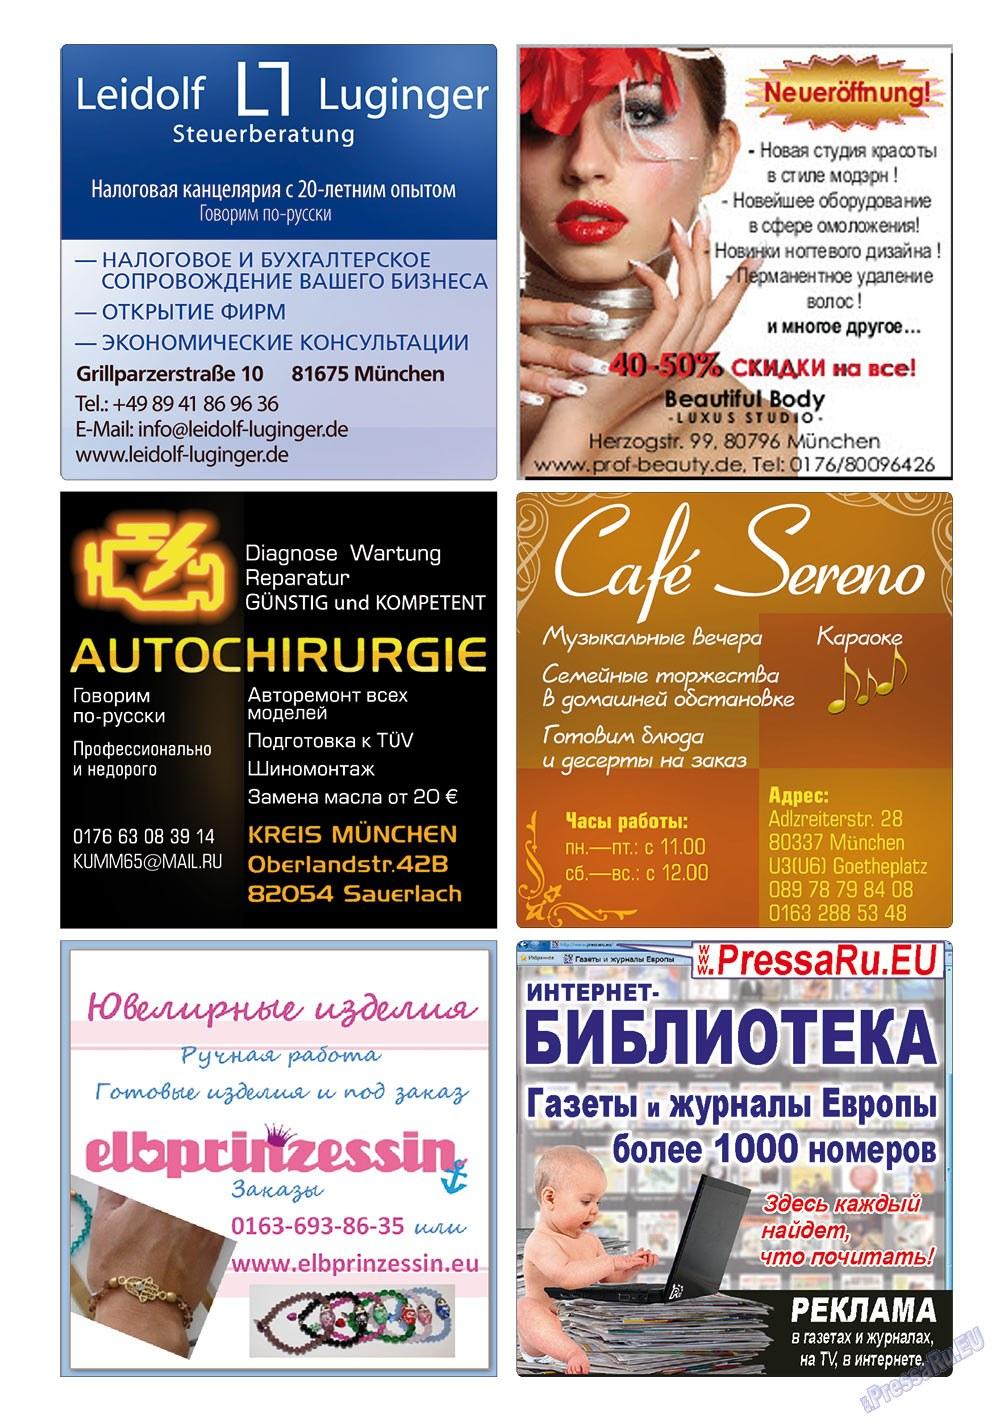 Апельсин (журнал). 2011 год, номер 26, стр. 50